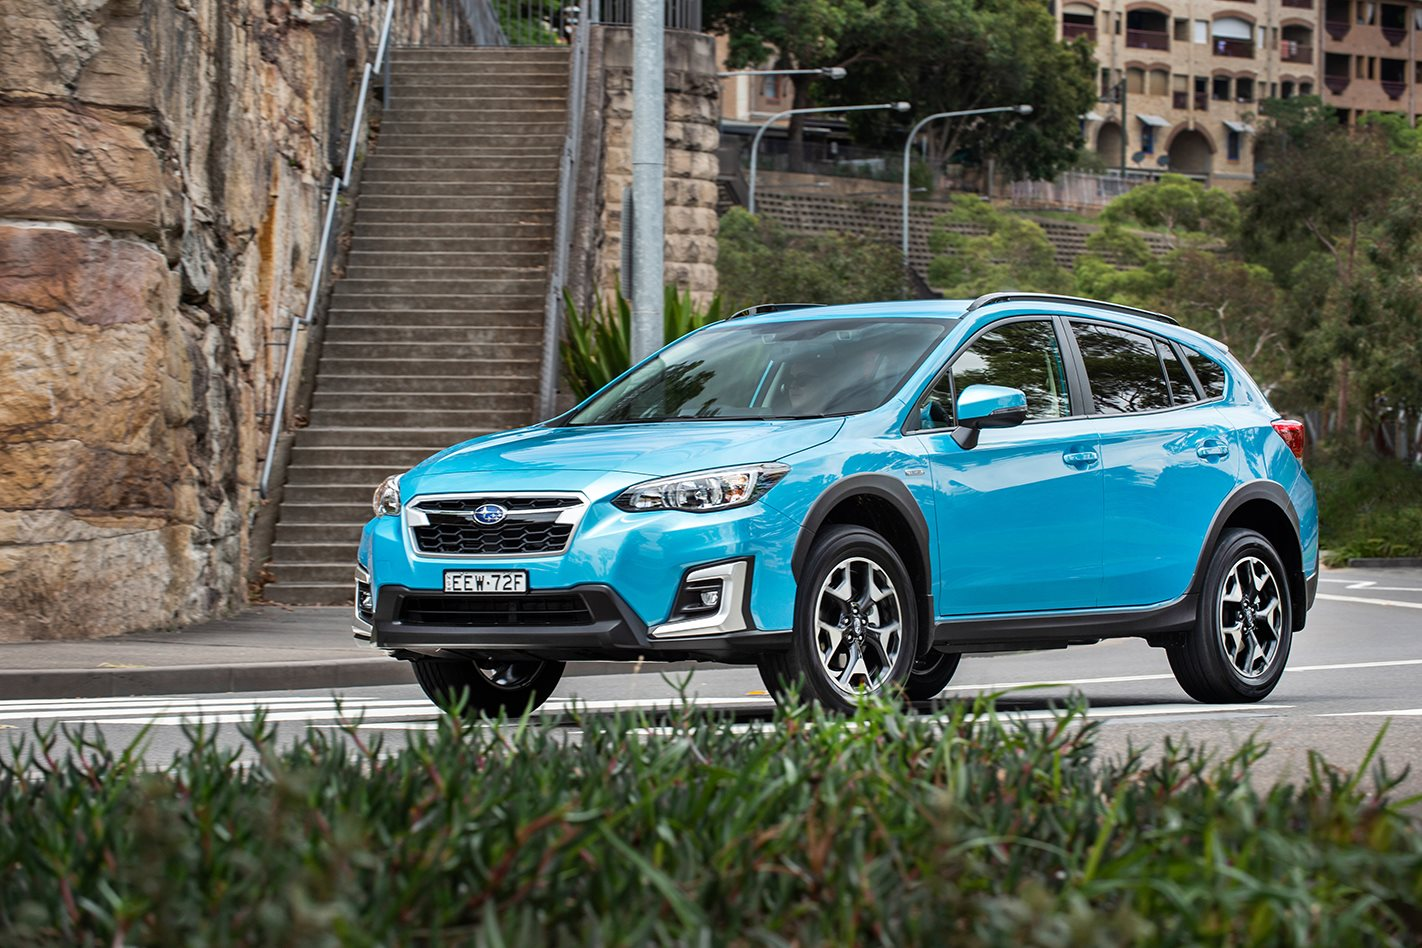 Subaru Xv Hybrid Awd 2020 Review